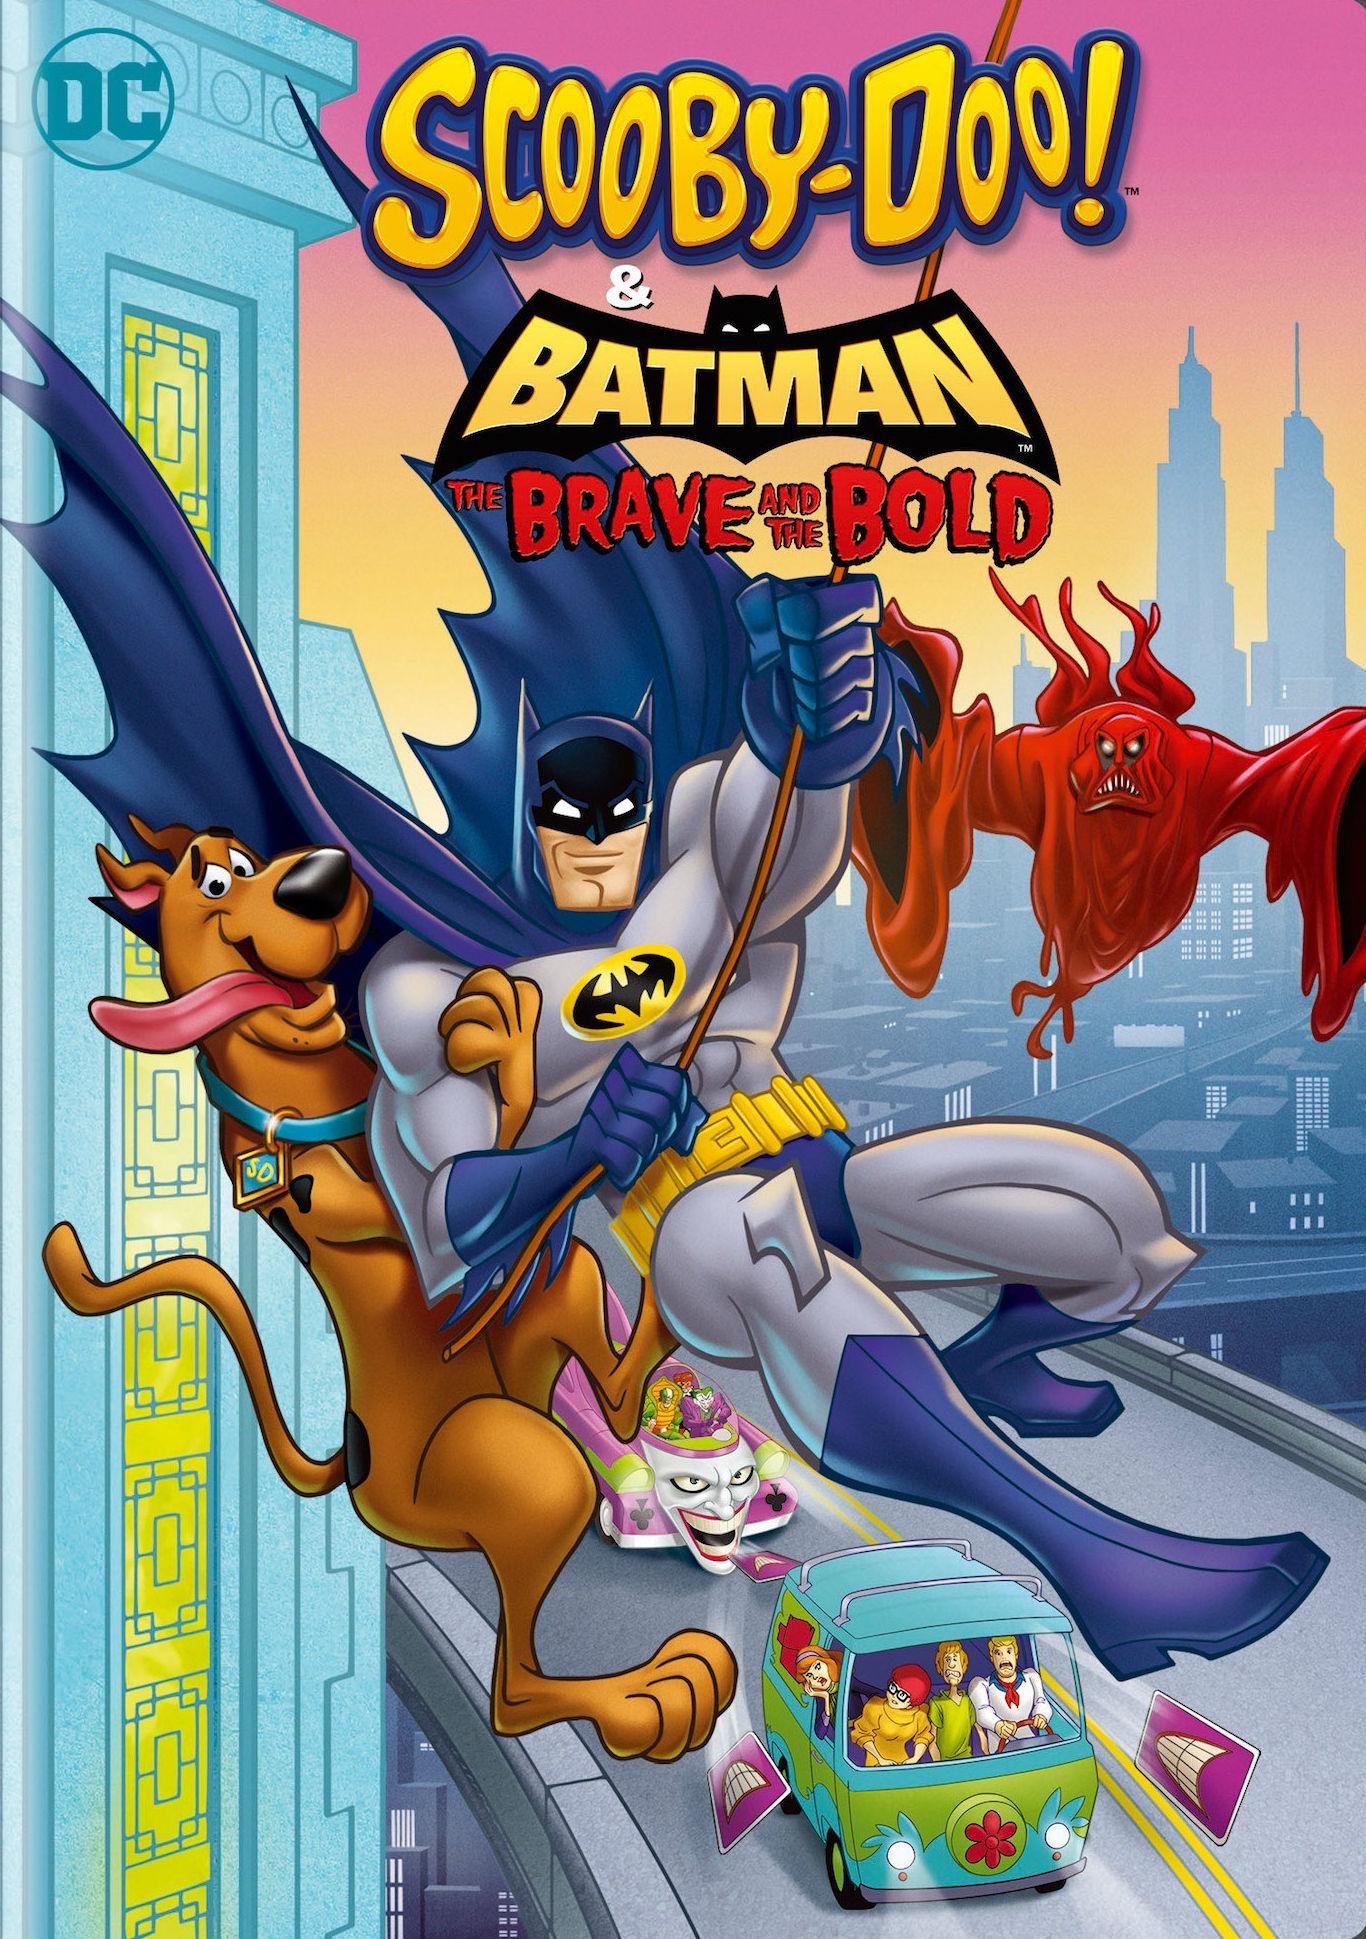 ดูหนังออนไลน์ Scooby-Doo & Batman: The Brave and the Bold (2018)